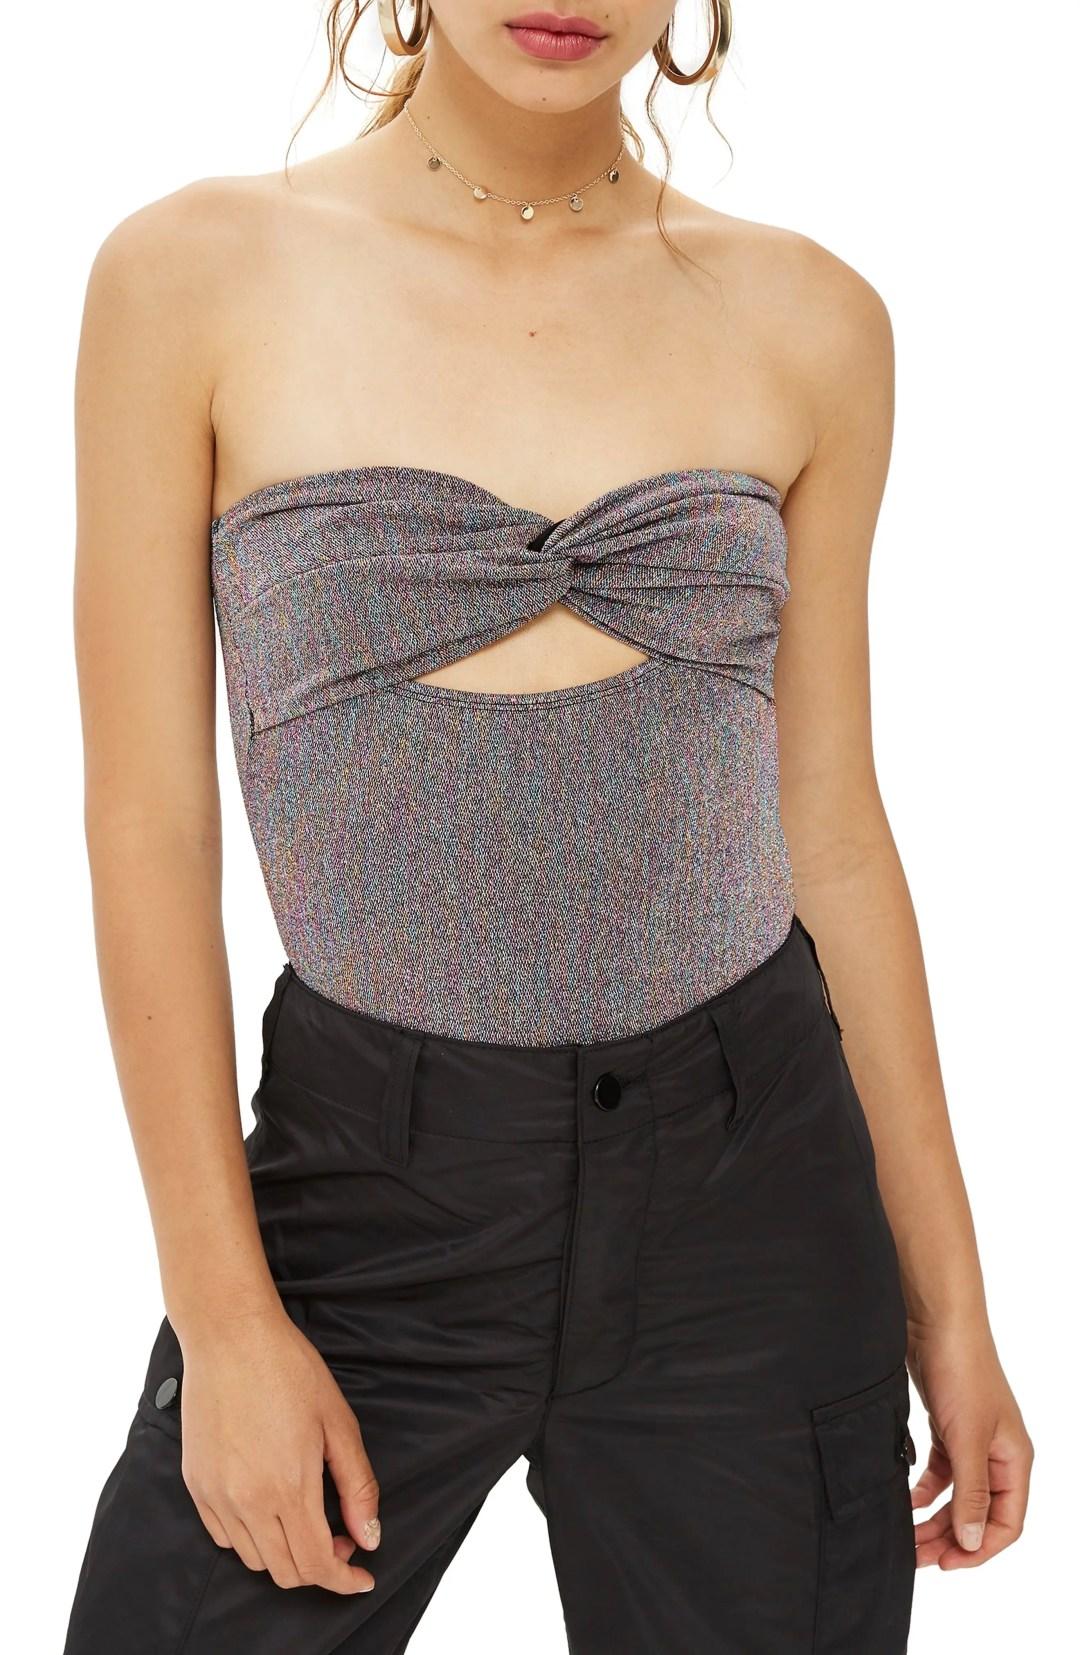 Nordstrom Fashion Week Tendencies Long Pants Rigid Quarter Chinos Khaki 32 Product Image